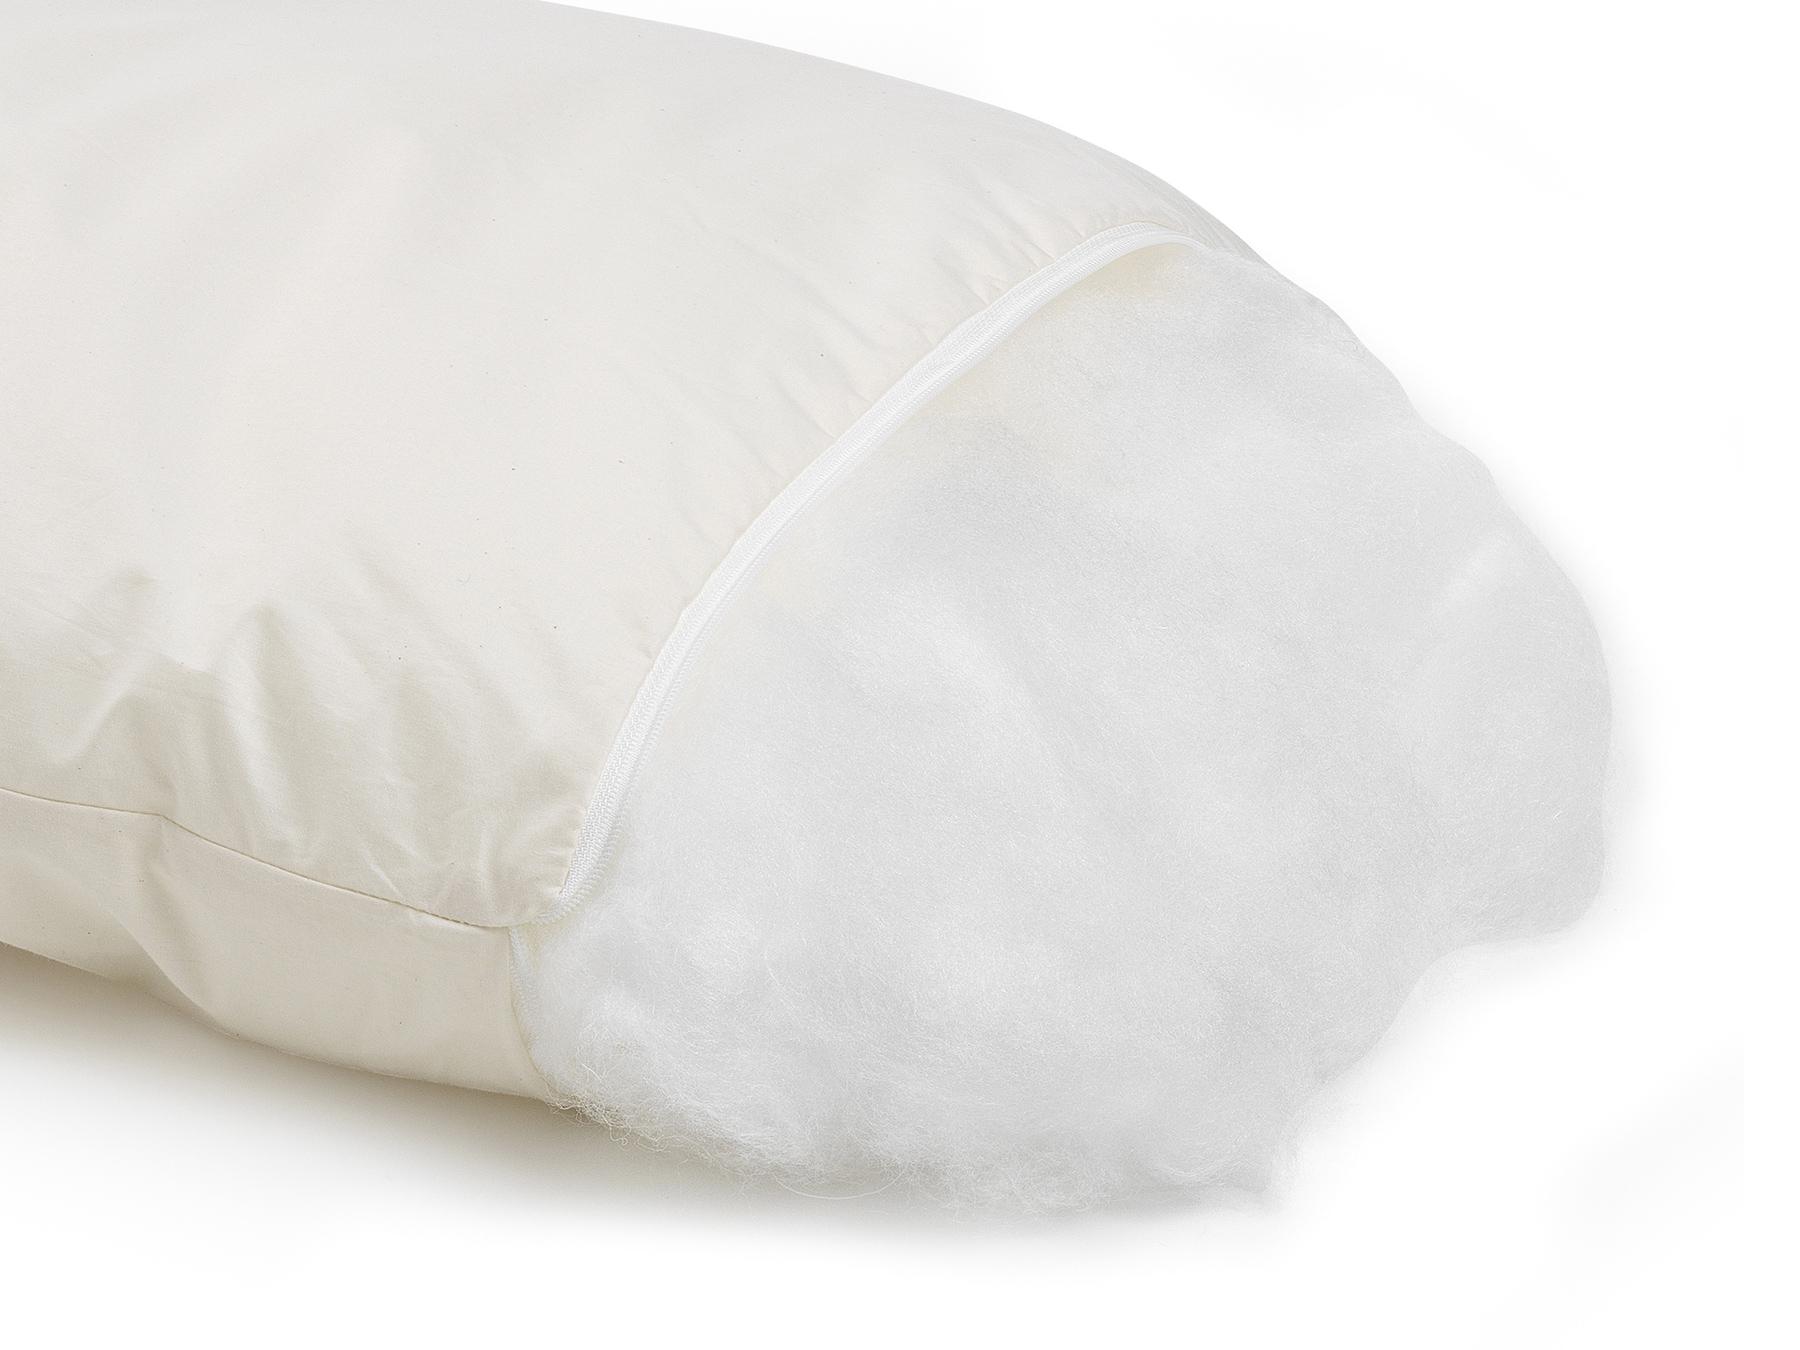 Durch Entnahme oder Zugabe von Füllmaterial kann das Kissen individuell angepasst werden.